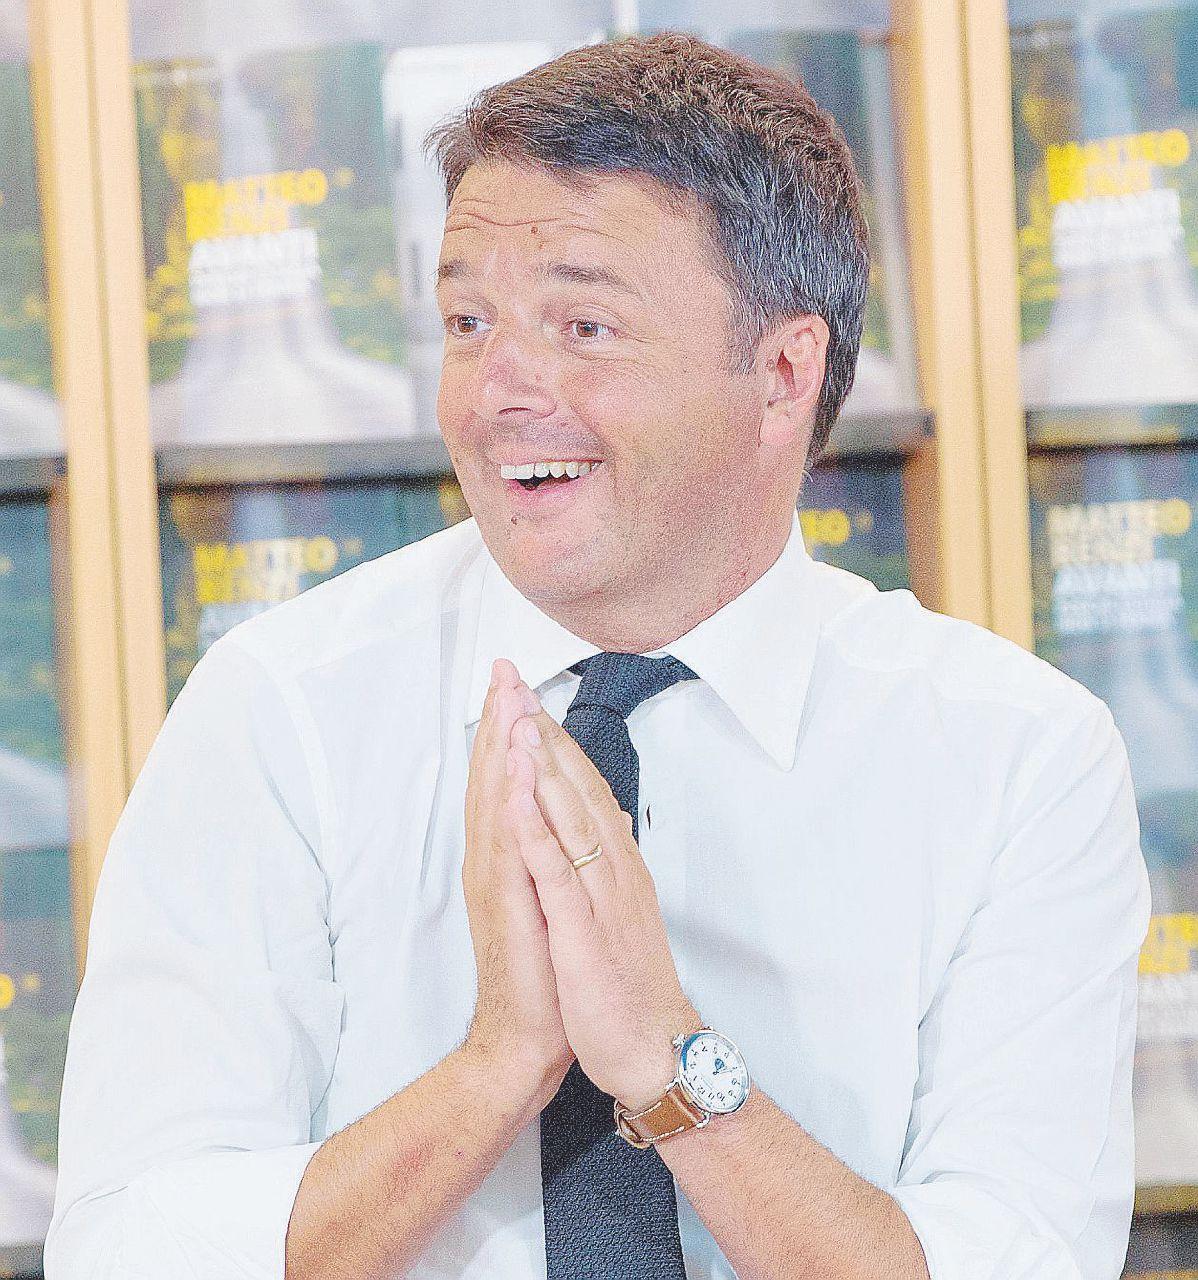 In Edicola sul Fatto Quotidiano del 17 settembre: Tutto quello che dice Renzi è falso. Consip&golpe, la cronologia giorno per giorno dei fatti che sbugiarda Matteo & C